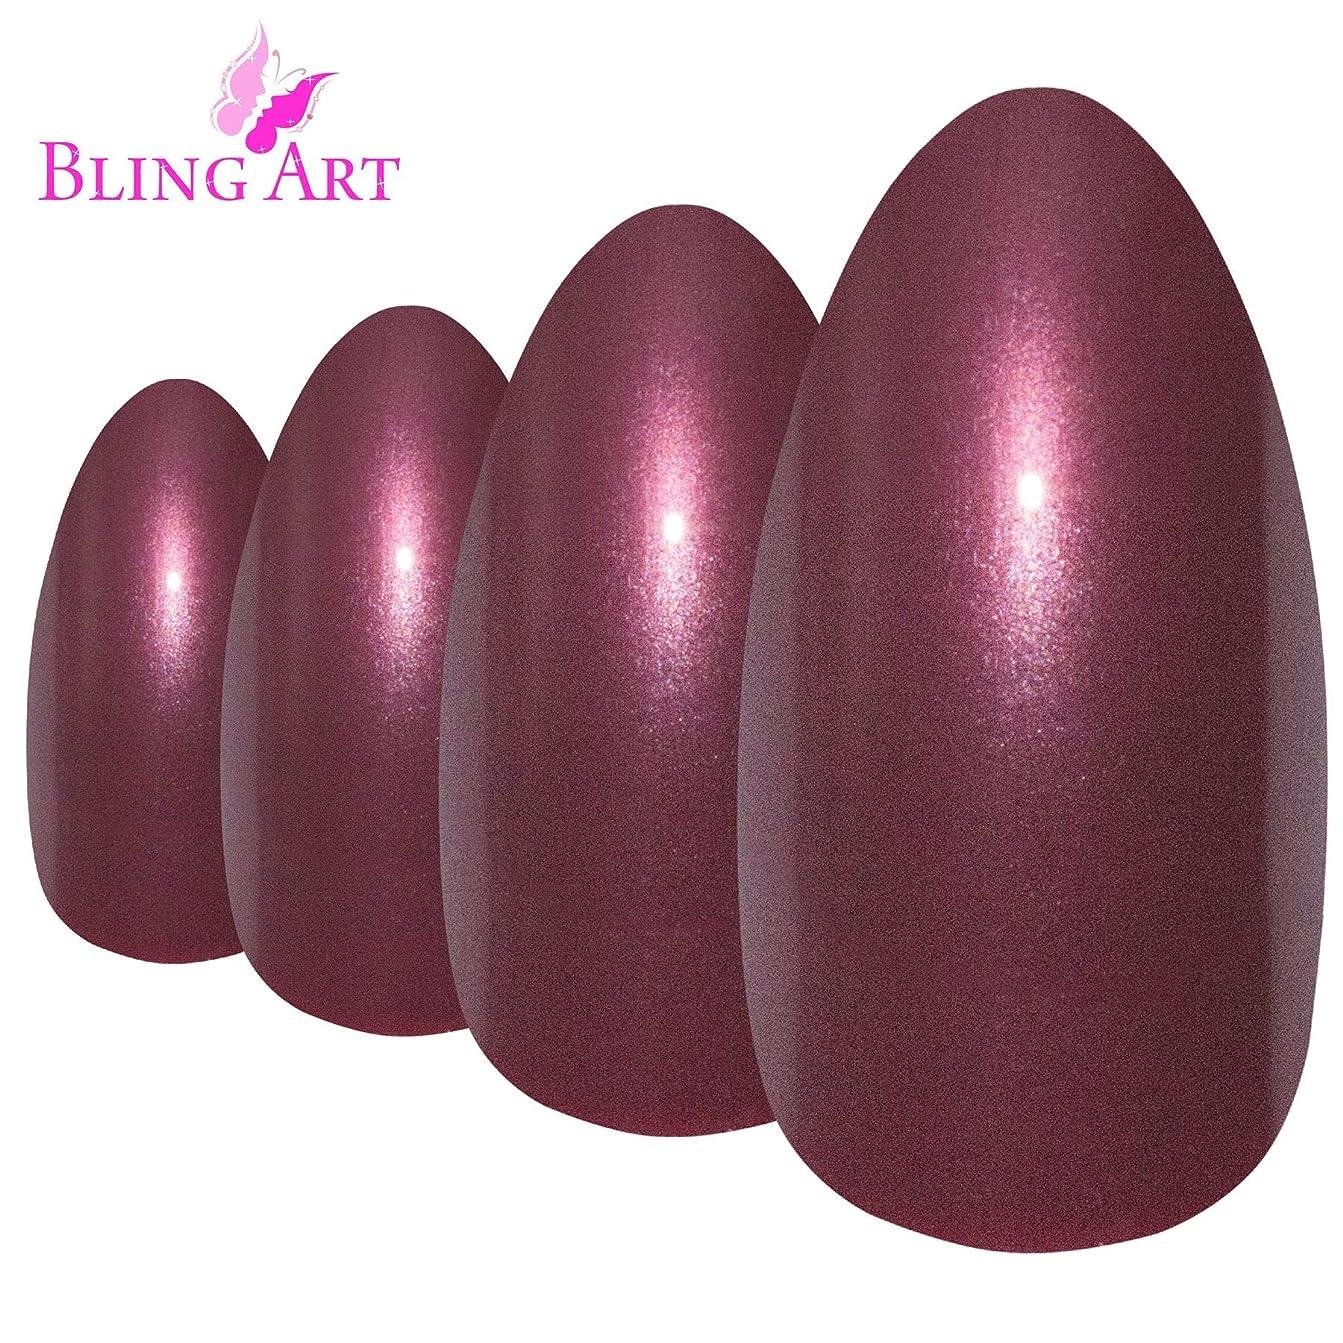 振り向くセラーバランスのとれたBling Art Almond False Nails Fake Stiletto Glitter Red Brown Acrylic Long Tips